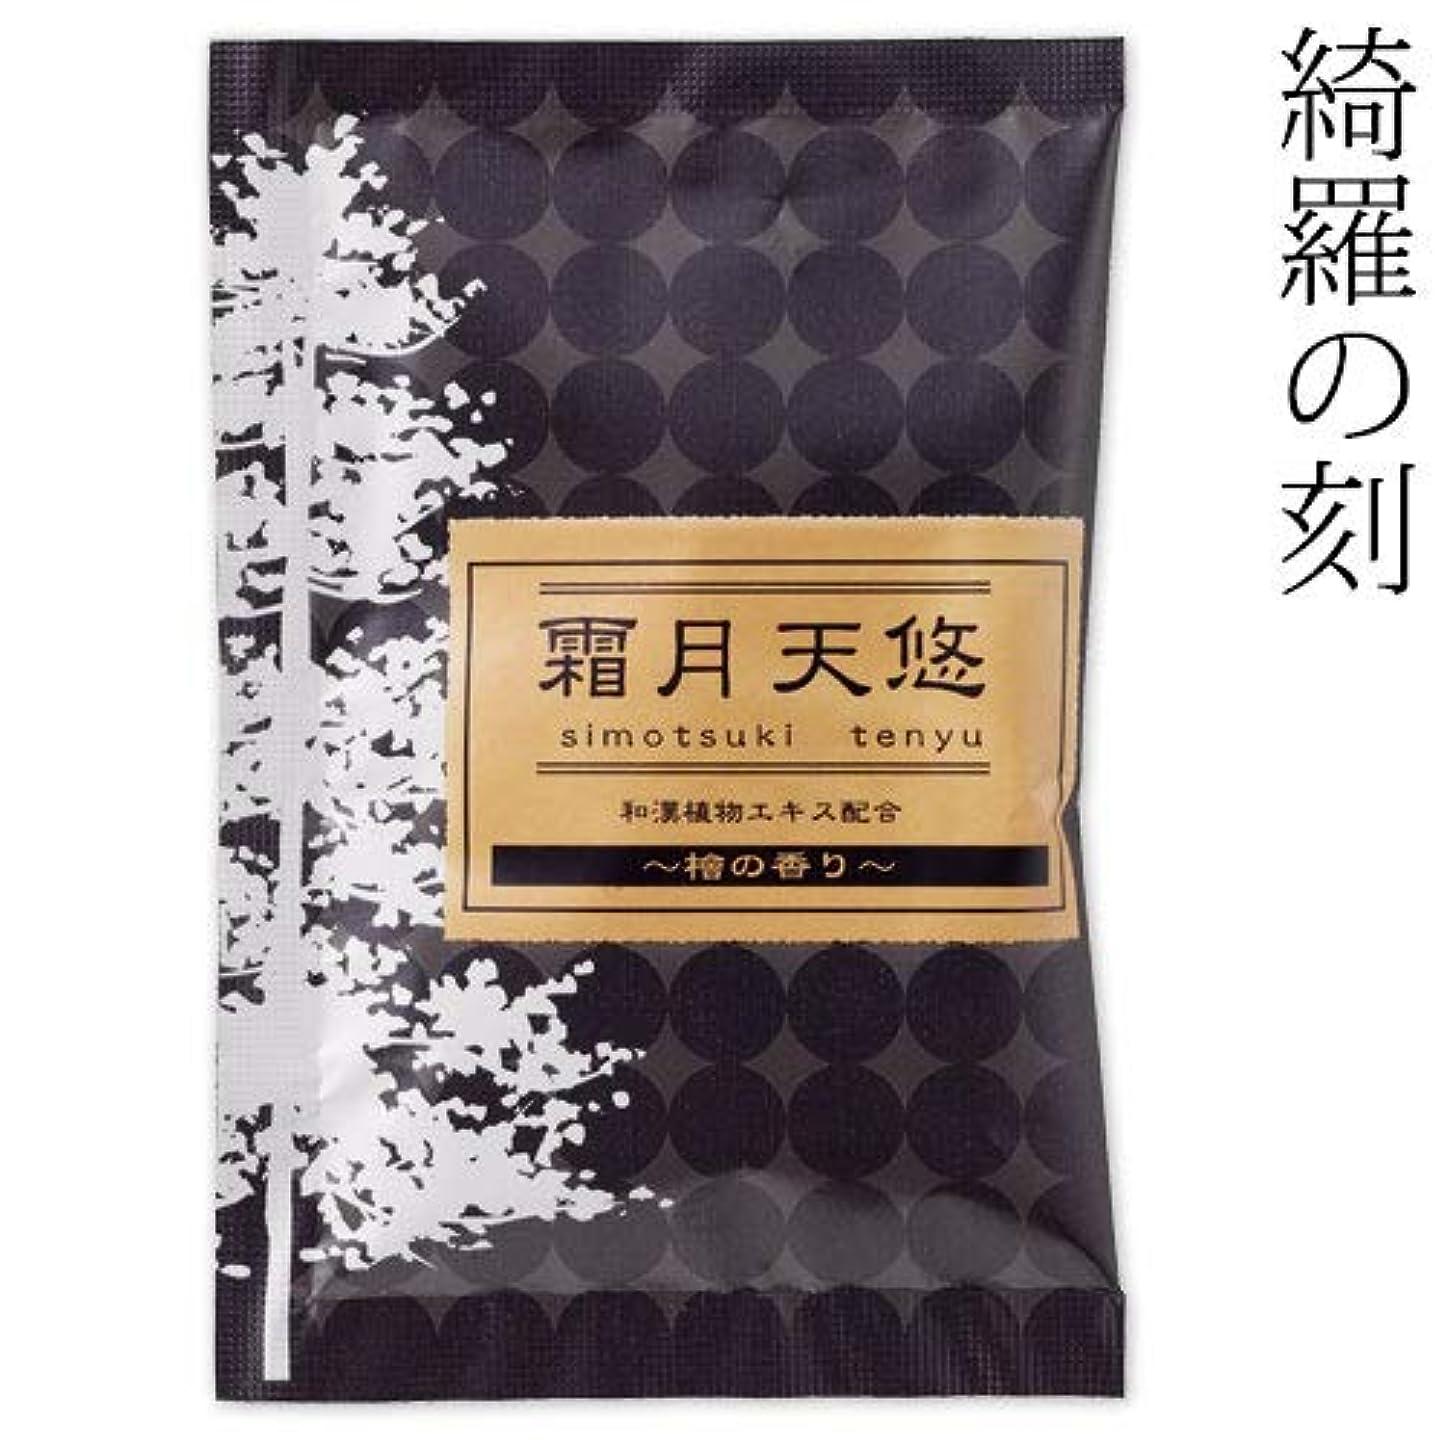 満足ゴムリス入浴剤綺羅の刻檜の香り霜月天悠1包石川県のお風呂グッズBath additive, Ishikawa craft